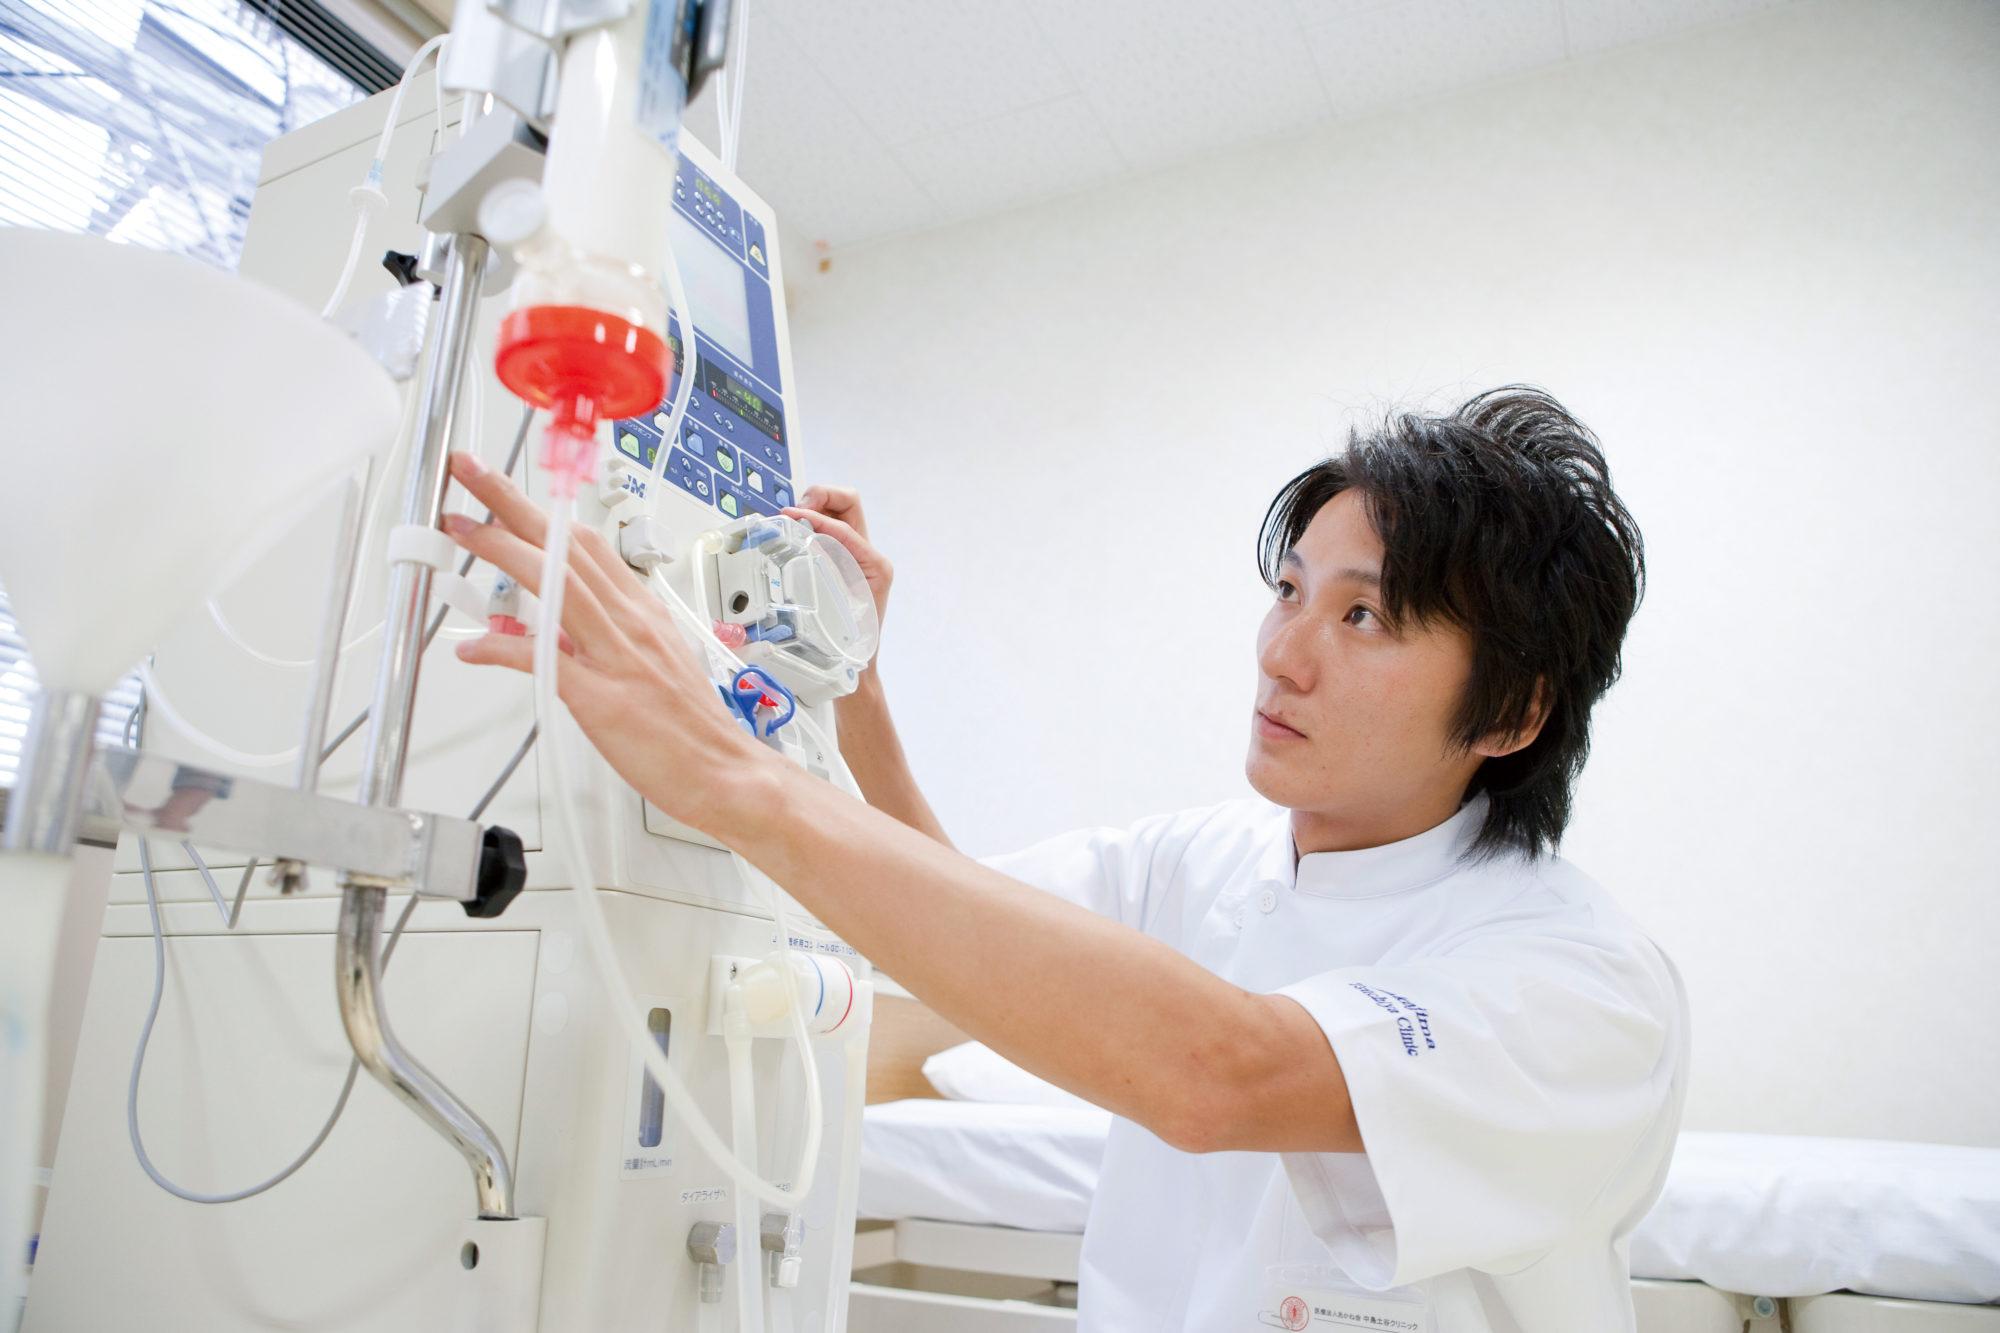 第34回臨床工学技士国家試験全員合格🎉メイン画像